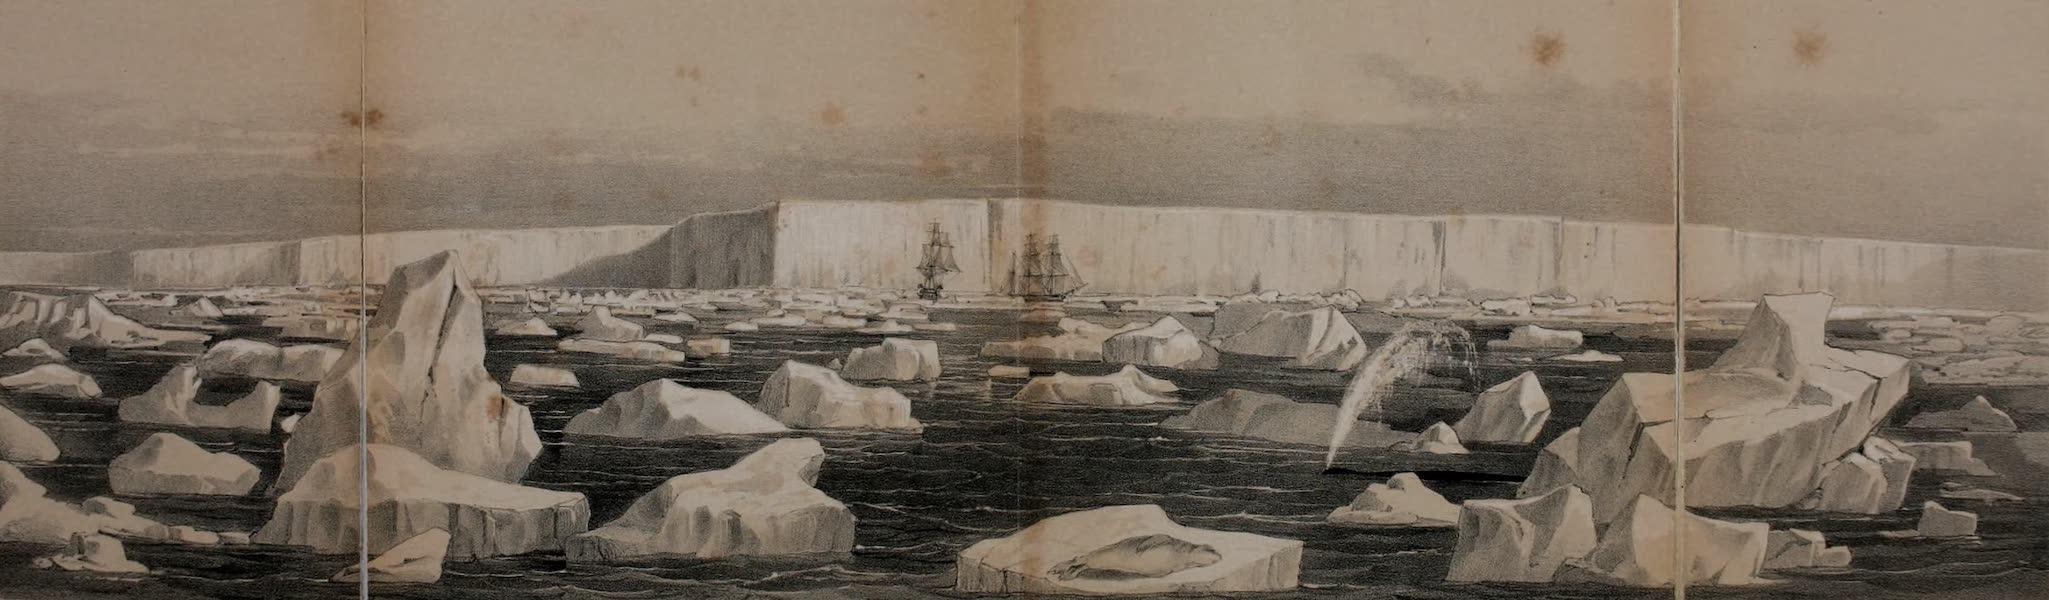 South Polar Barrier